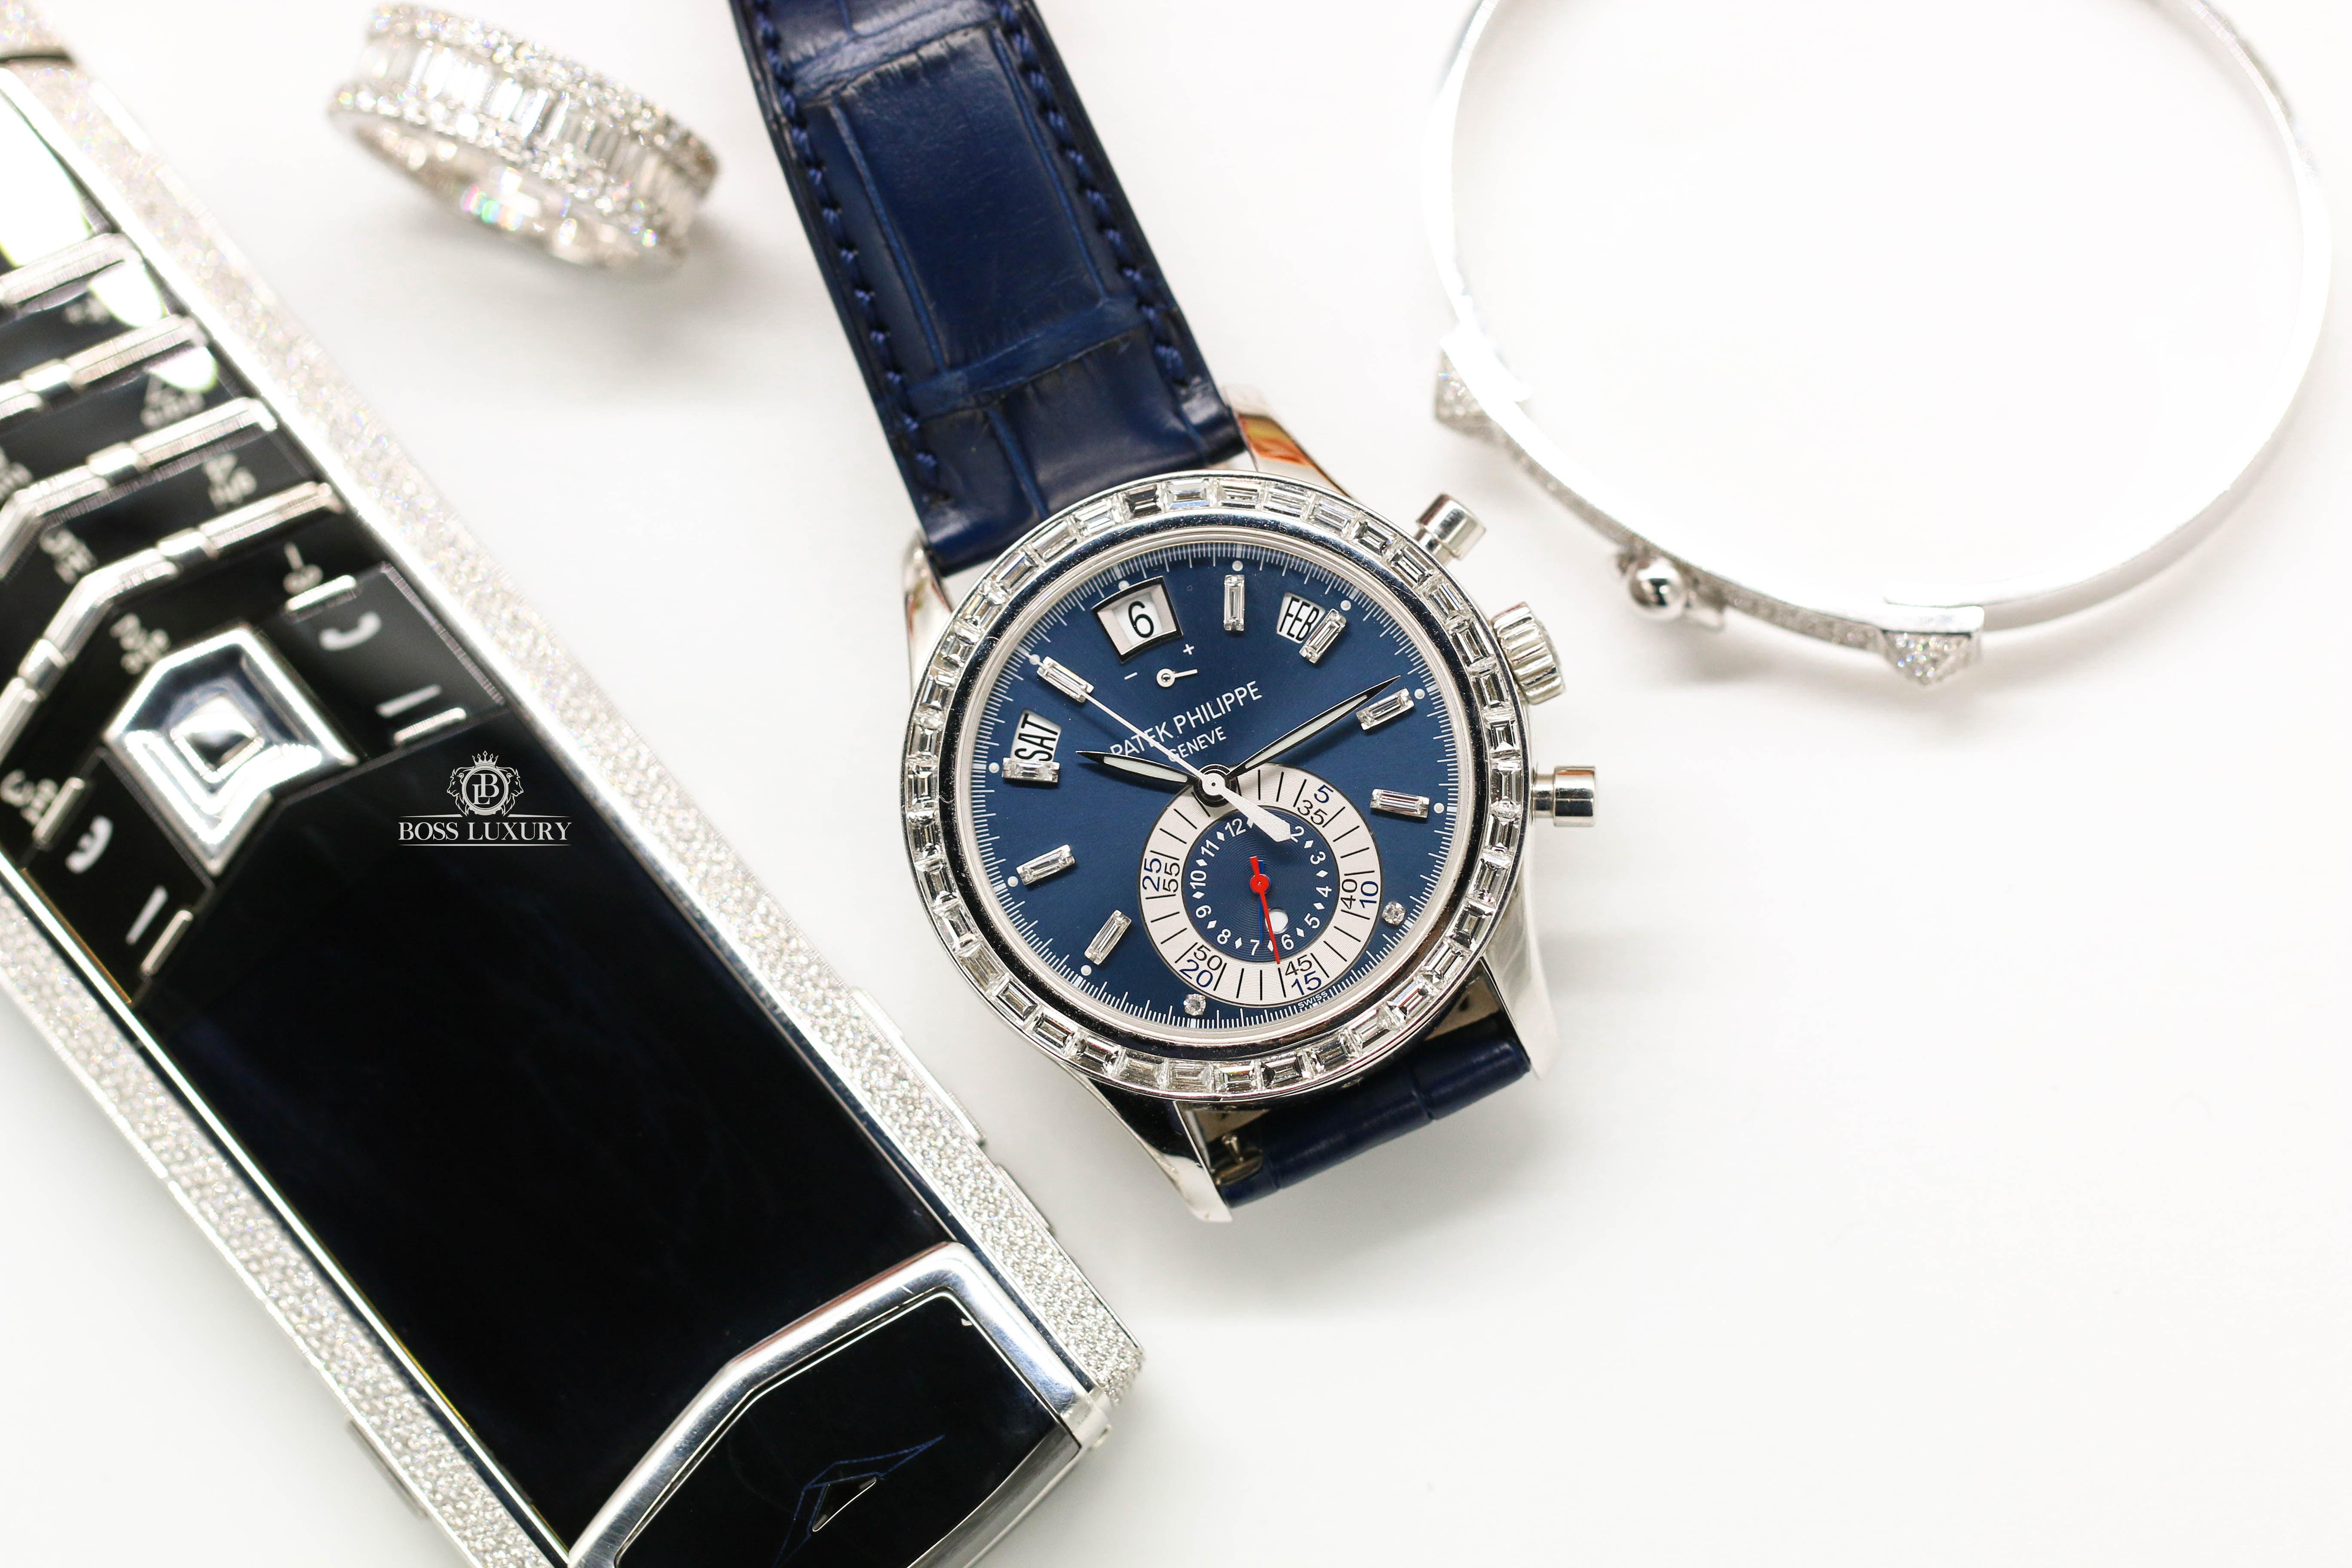 Giá bán đồng hồ Patek Philippe chính hãng là bao nhiêu tiền?